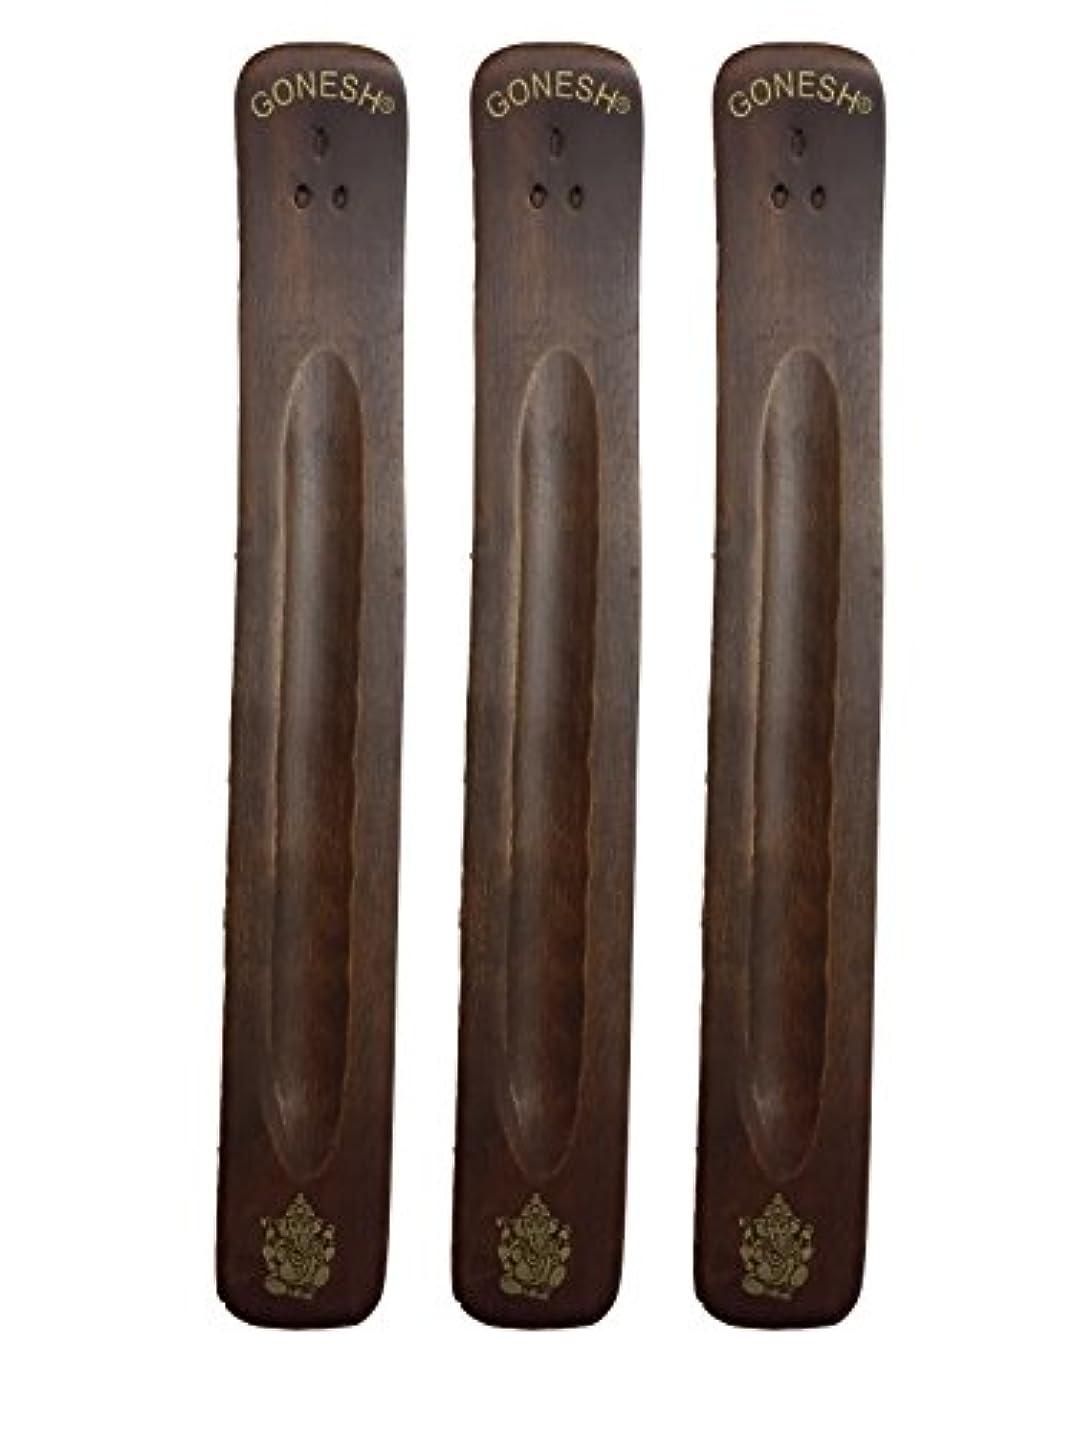 模倣優れた多年生3パックGonesh Incense Burner ~ Traditional Incense Holder with Inlaidデザイン~約11インチ、のさまざまなデザイン